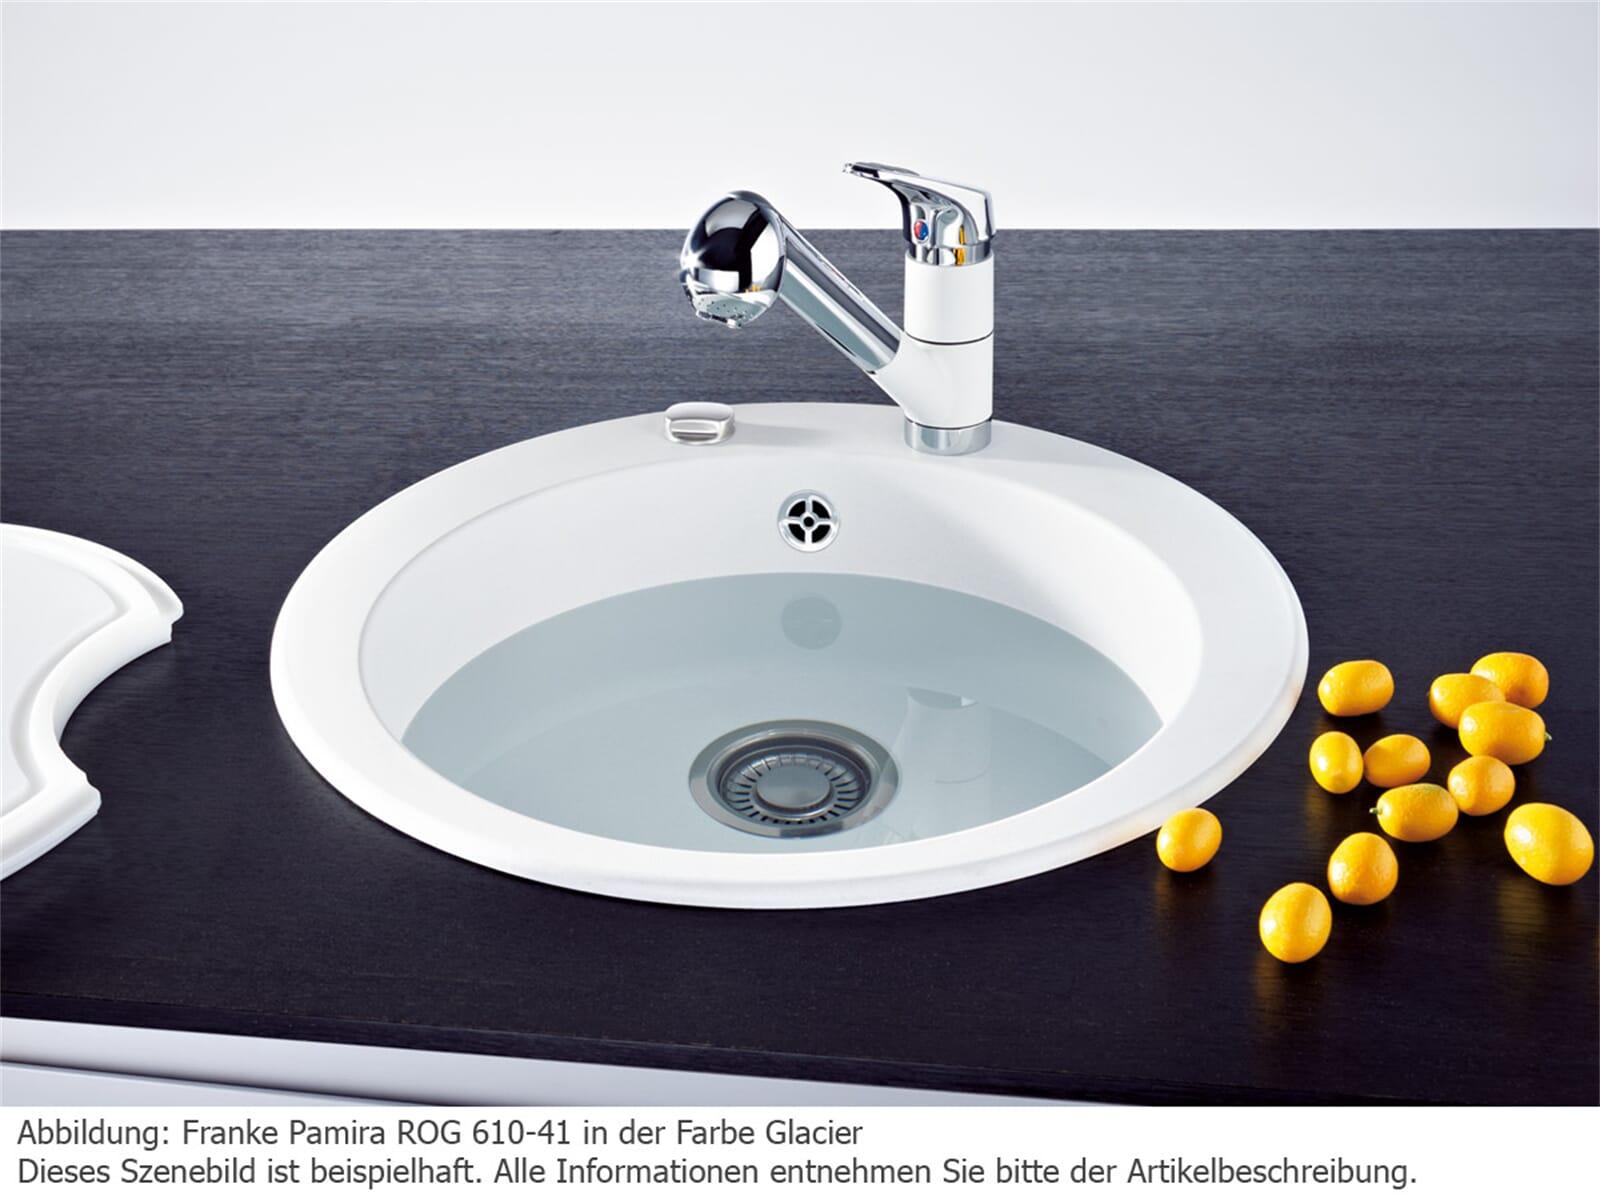 Franke Pamira ROG 610-41 Cashmere Granitspüle